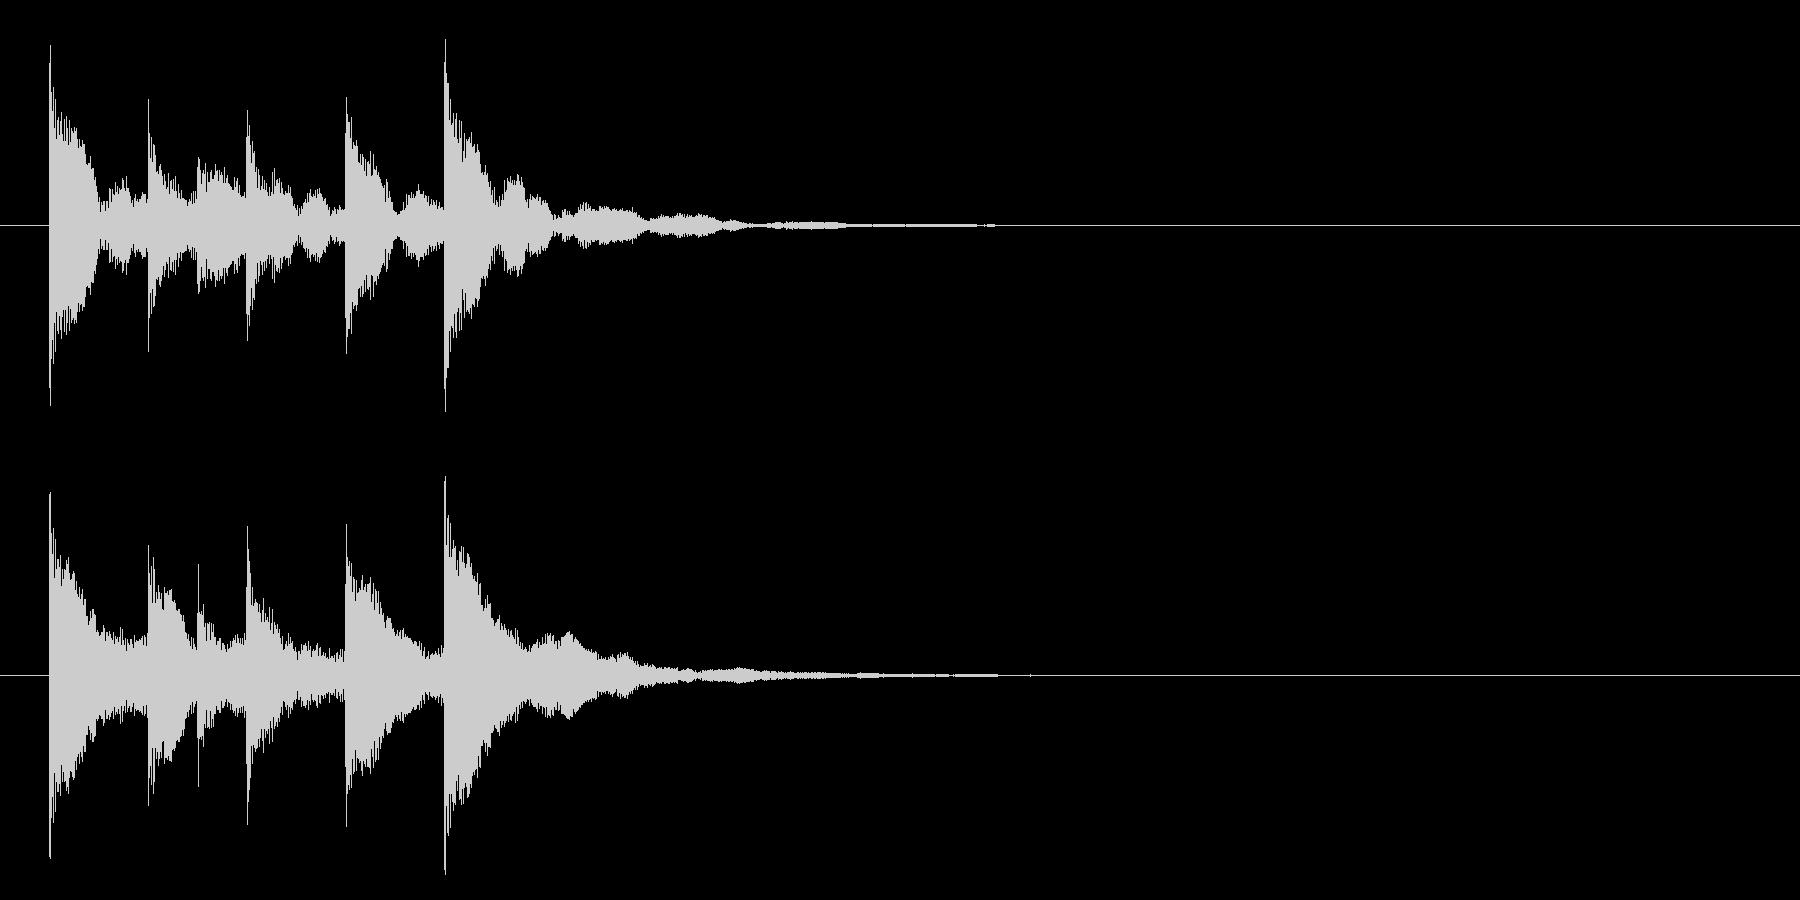 トントコトントントン!締め太鼓3リバーブの未再生の波形